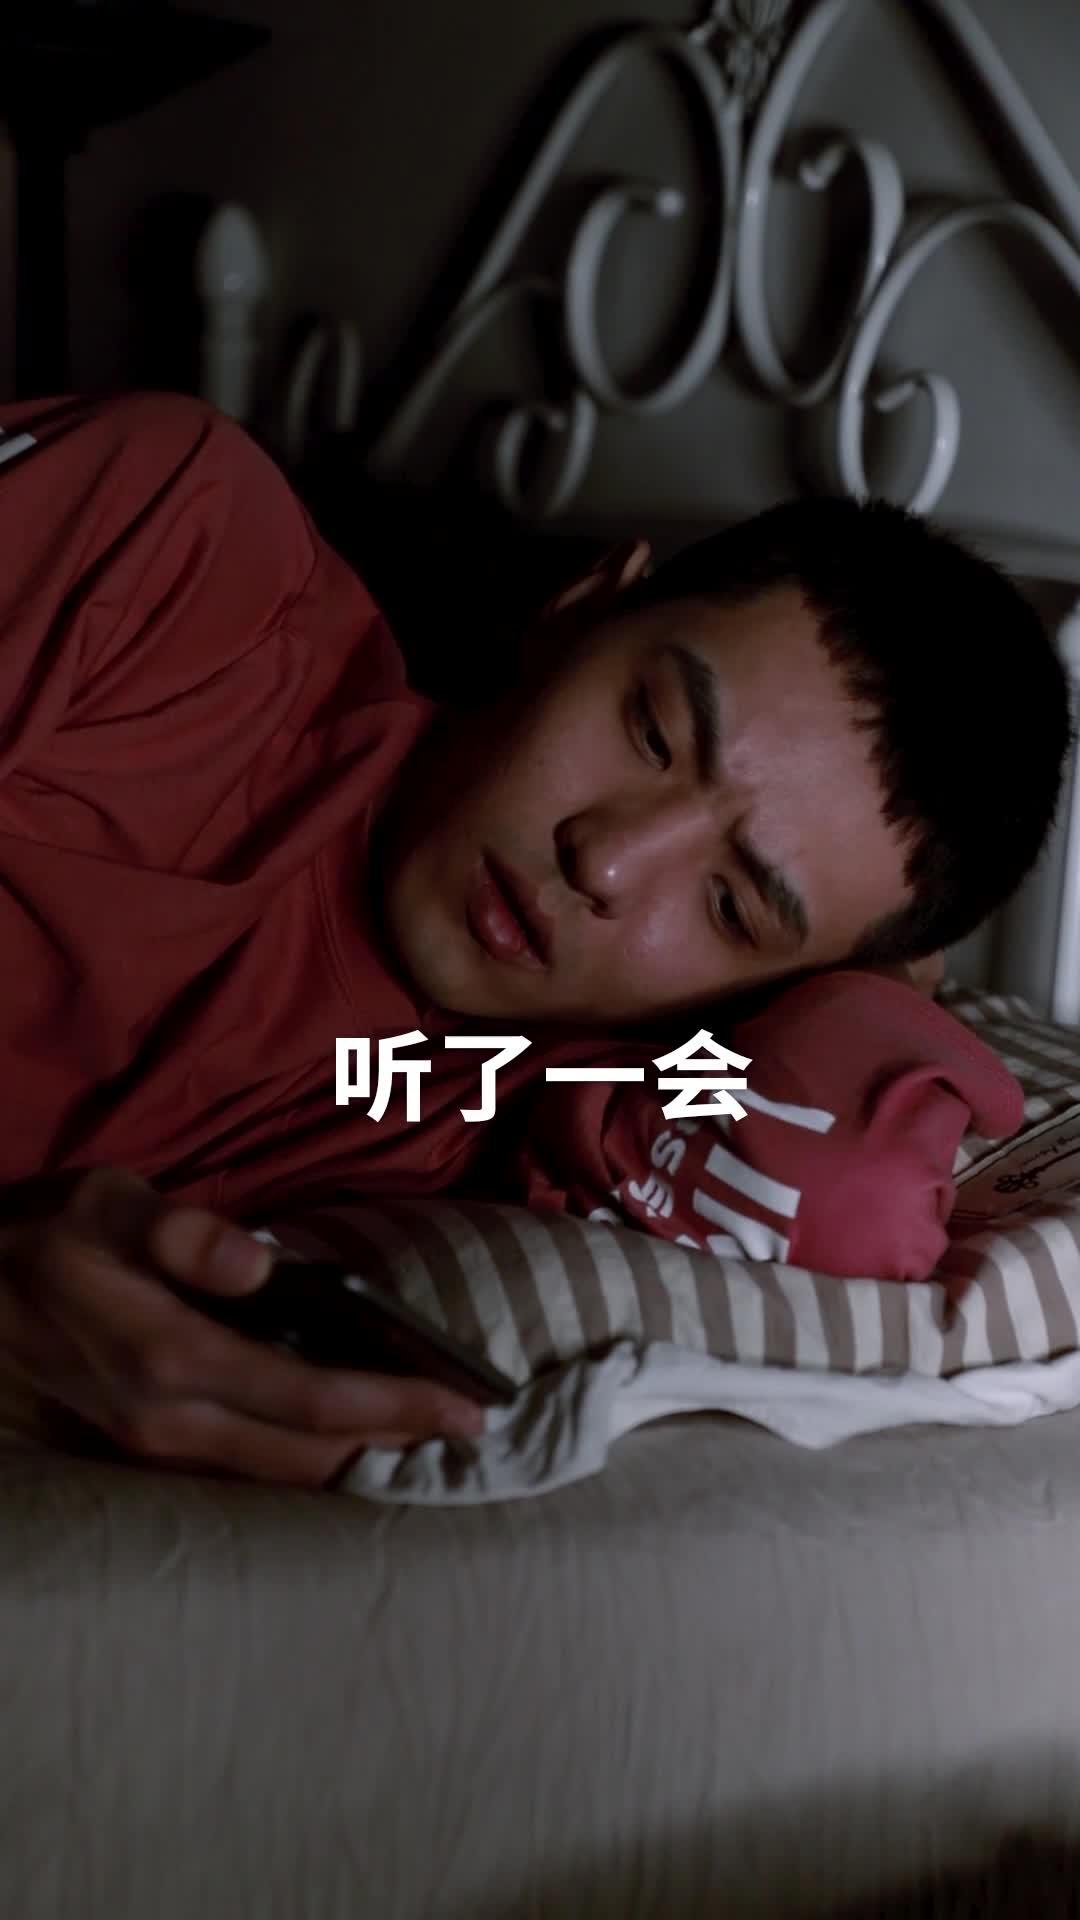 #悬疑推理#半夜听完故事之后,为什么再也无法睡去?